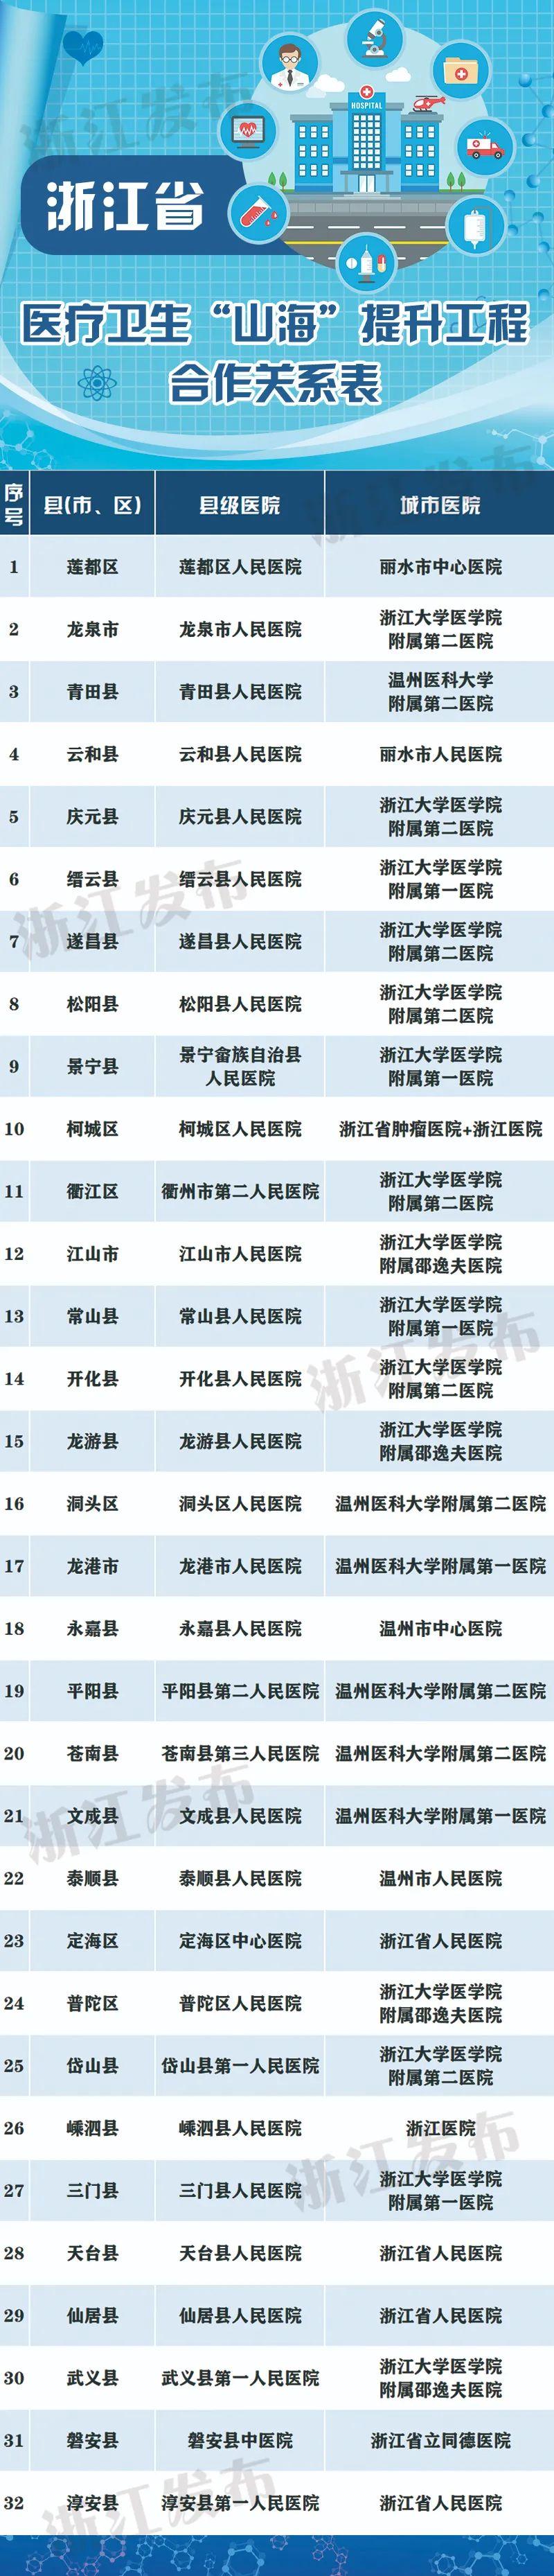 浙江32个县(市、区)政府与省市级三甲医院签订合作协议,为了啥?图片